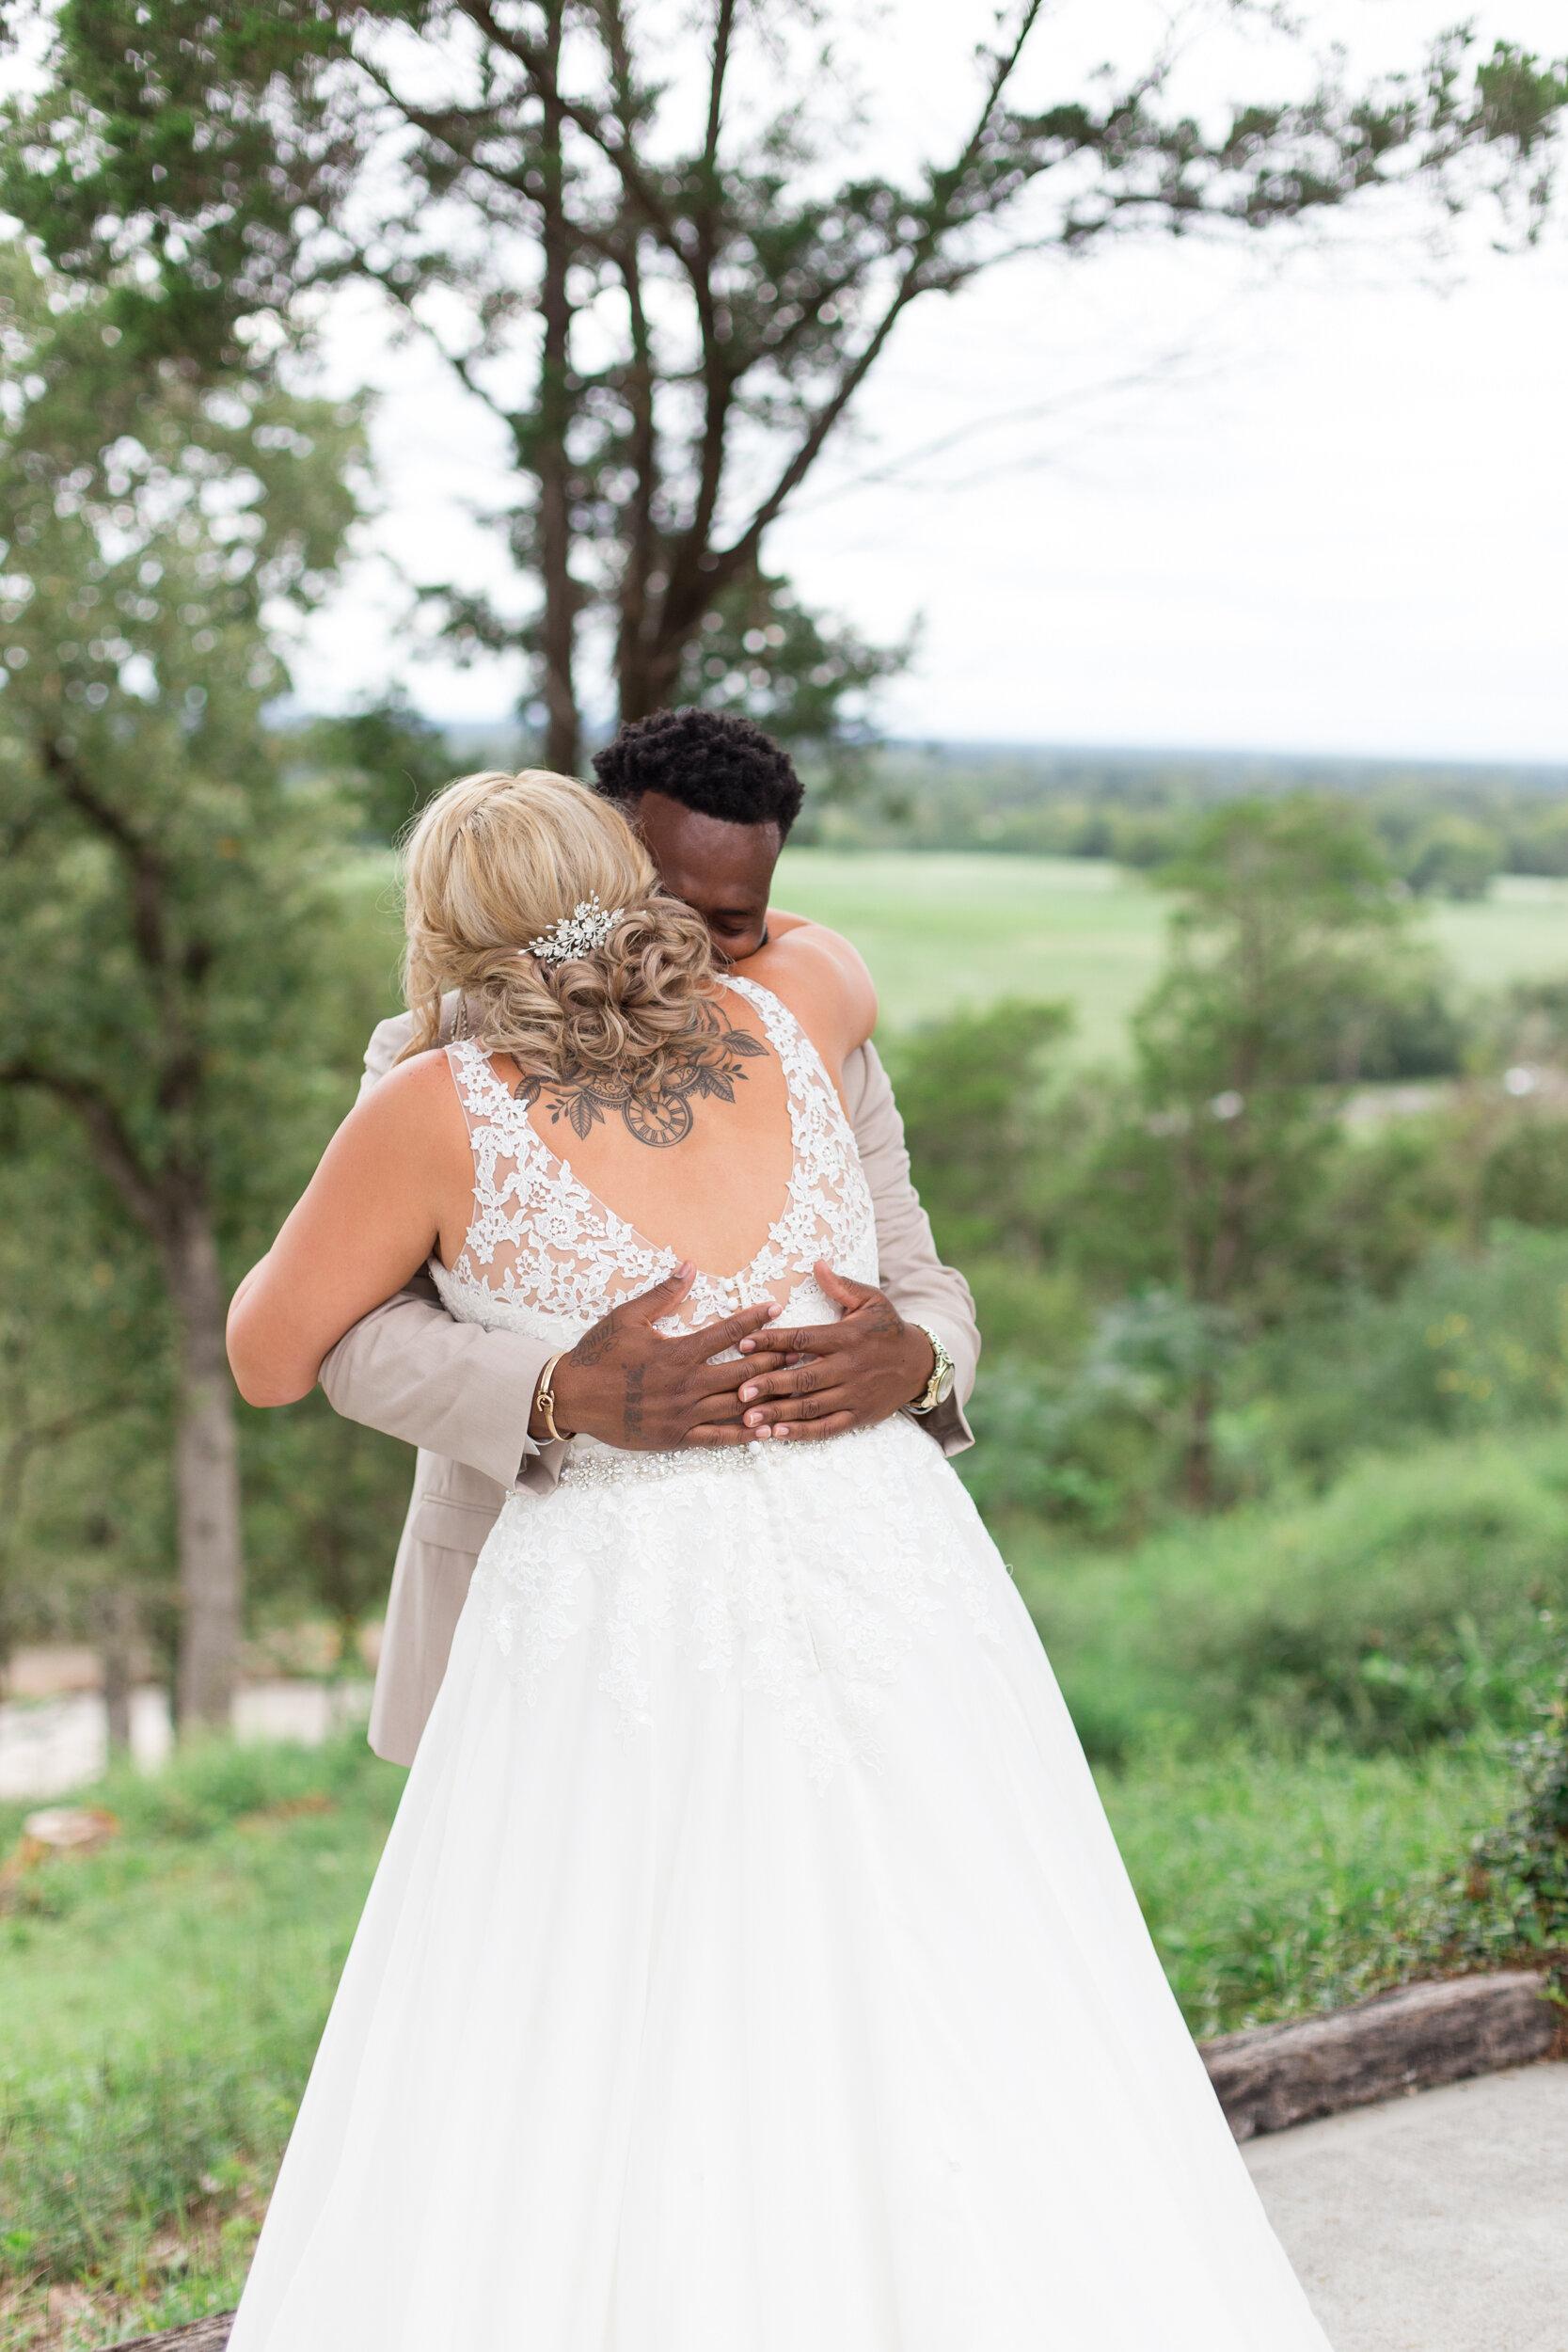 Emanuel-Wedding_kelsiehendricksphotography-22.jpg